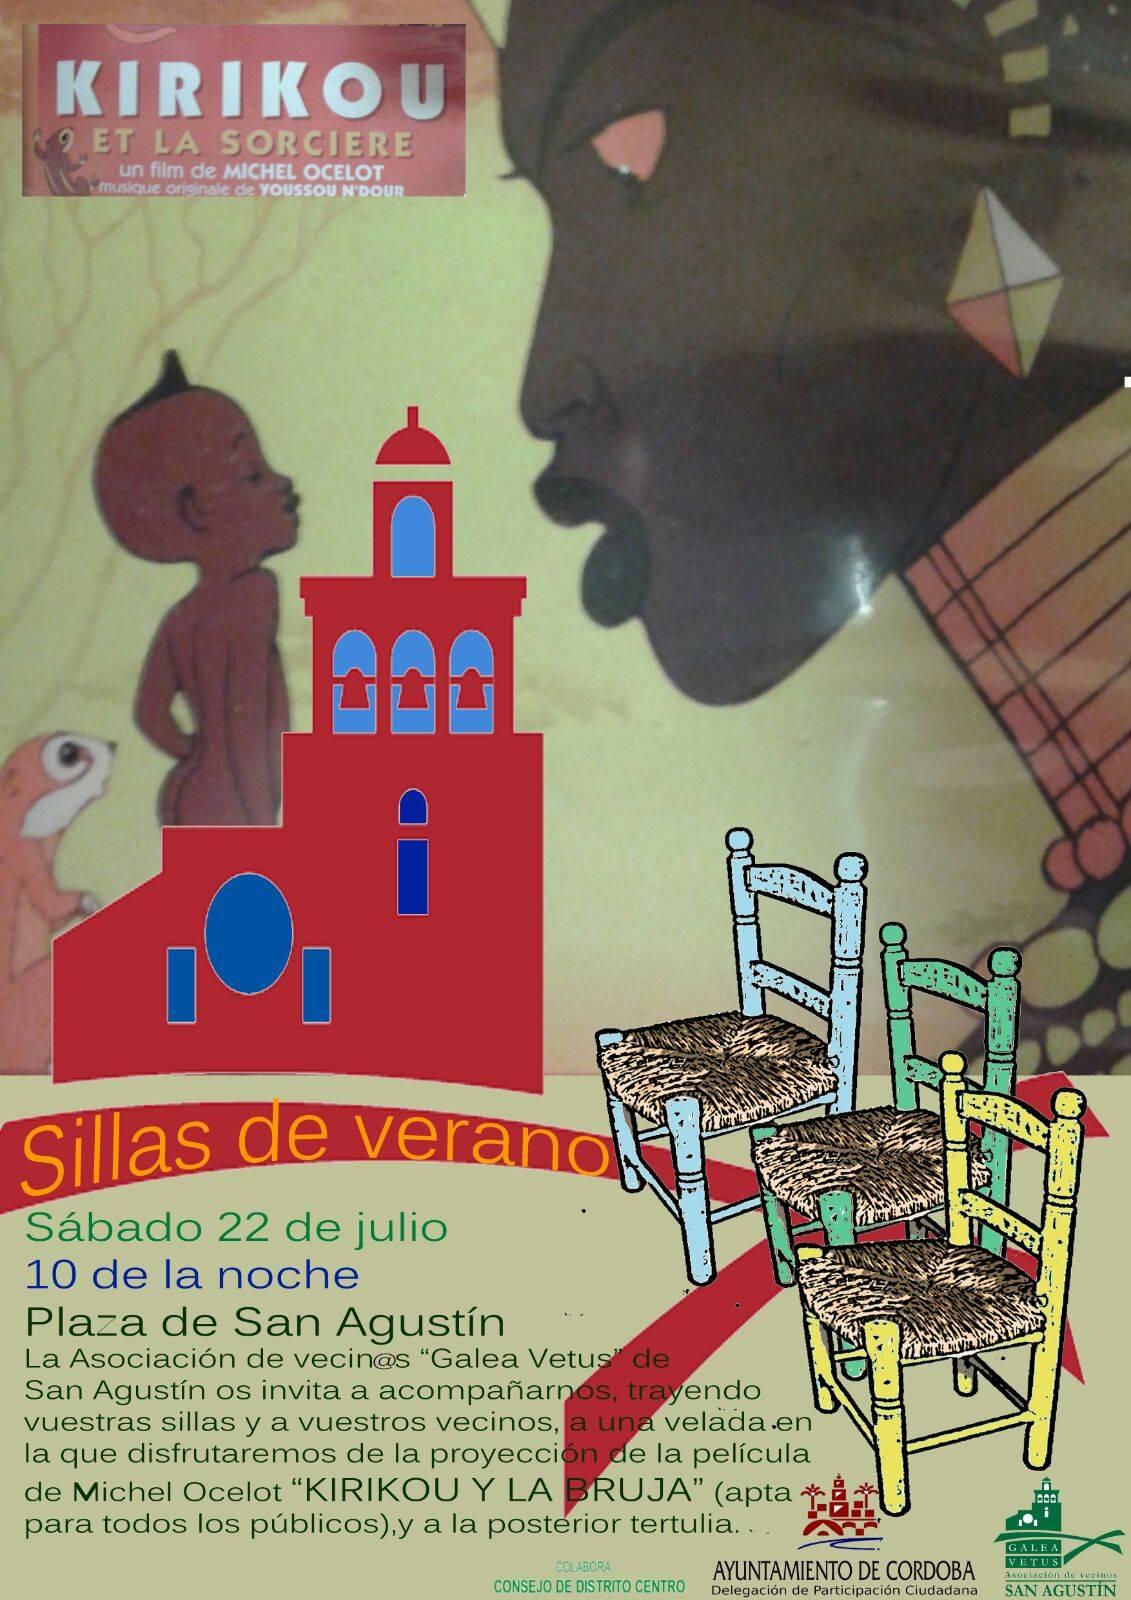 SILLAS DE VERANO - A.V. GALEA VETUS -SAN AGUSTIN